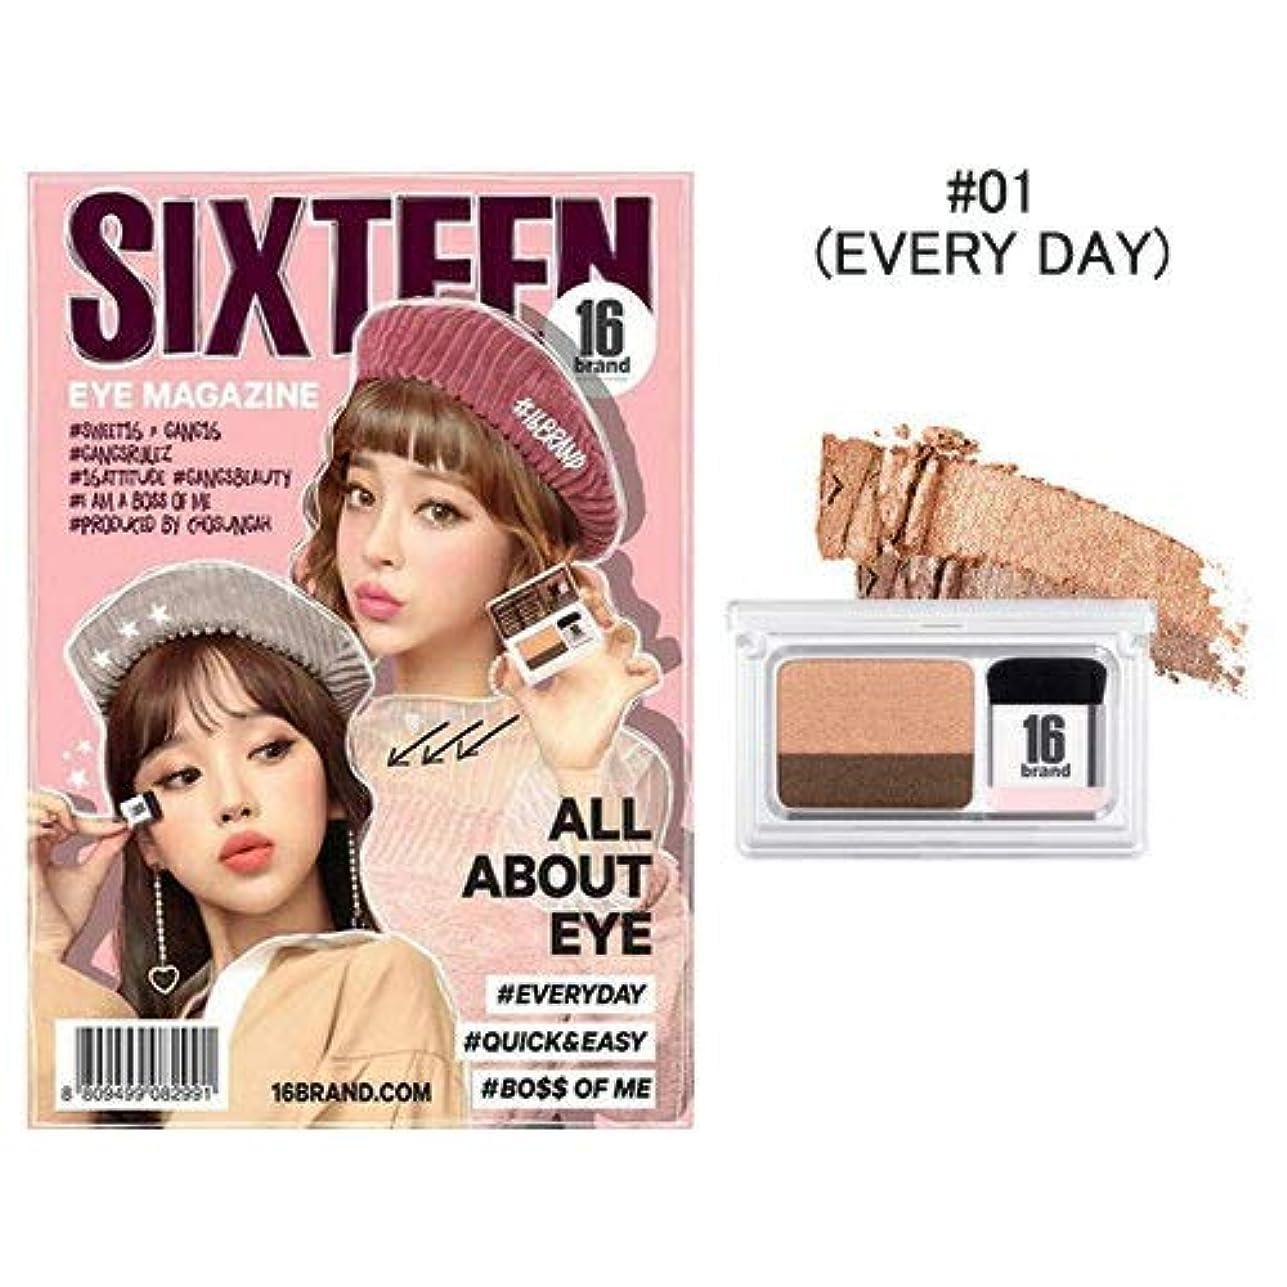 なしで欺く受信[New Color] 16brand Sixteen Eye Magazine 2g /16ブランド シックスティーン アイ マガジン 2g (#01 EVERY DAY) [並行輸入品]